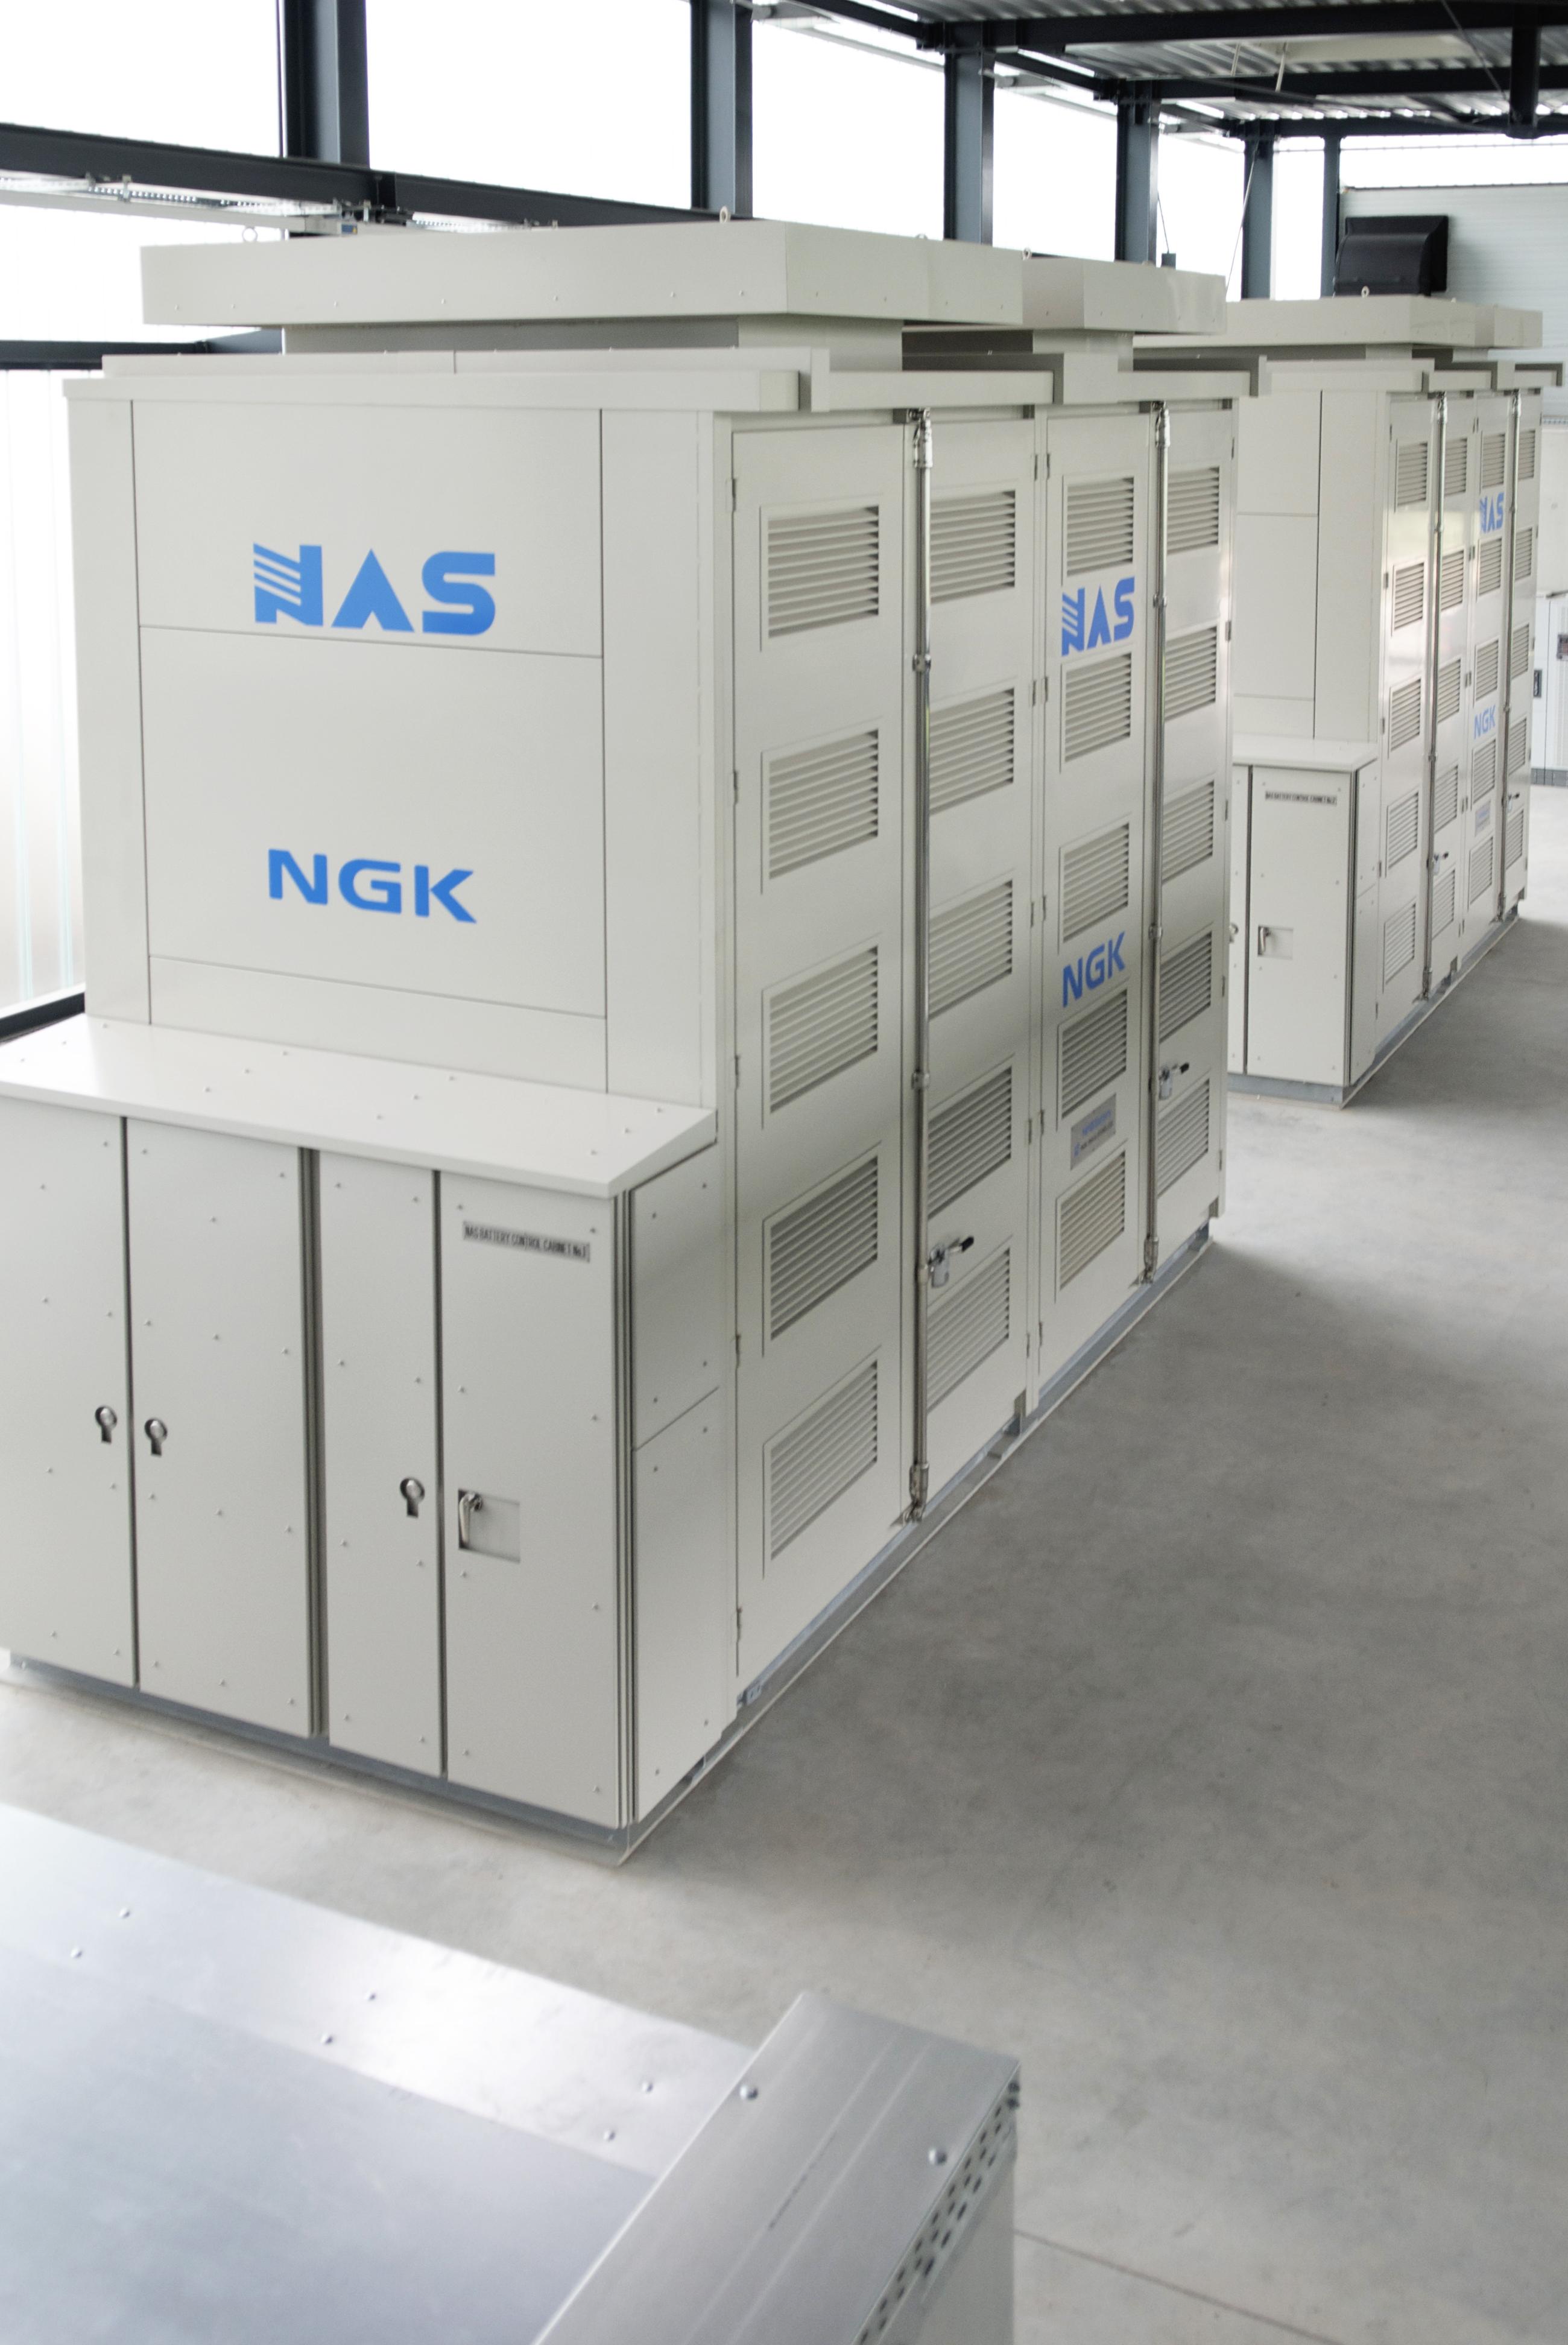 Batterieparks sind der Schlüssel zur Netzintegration von Wind- und Sonnenstrom